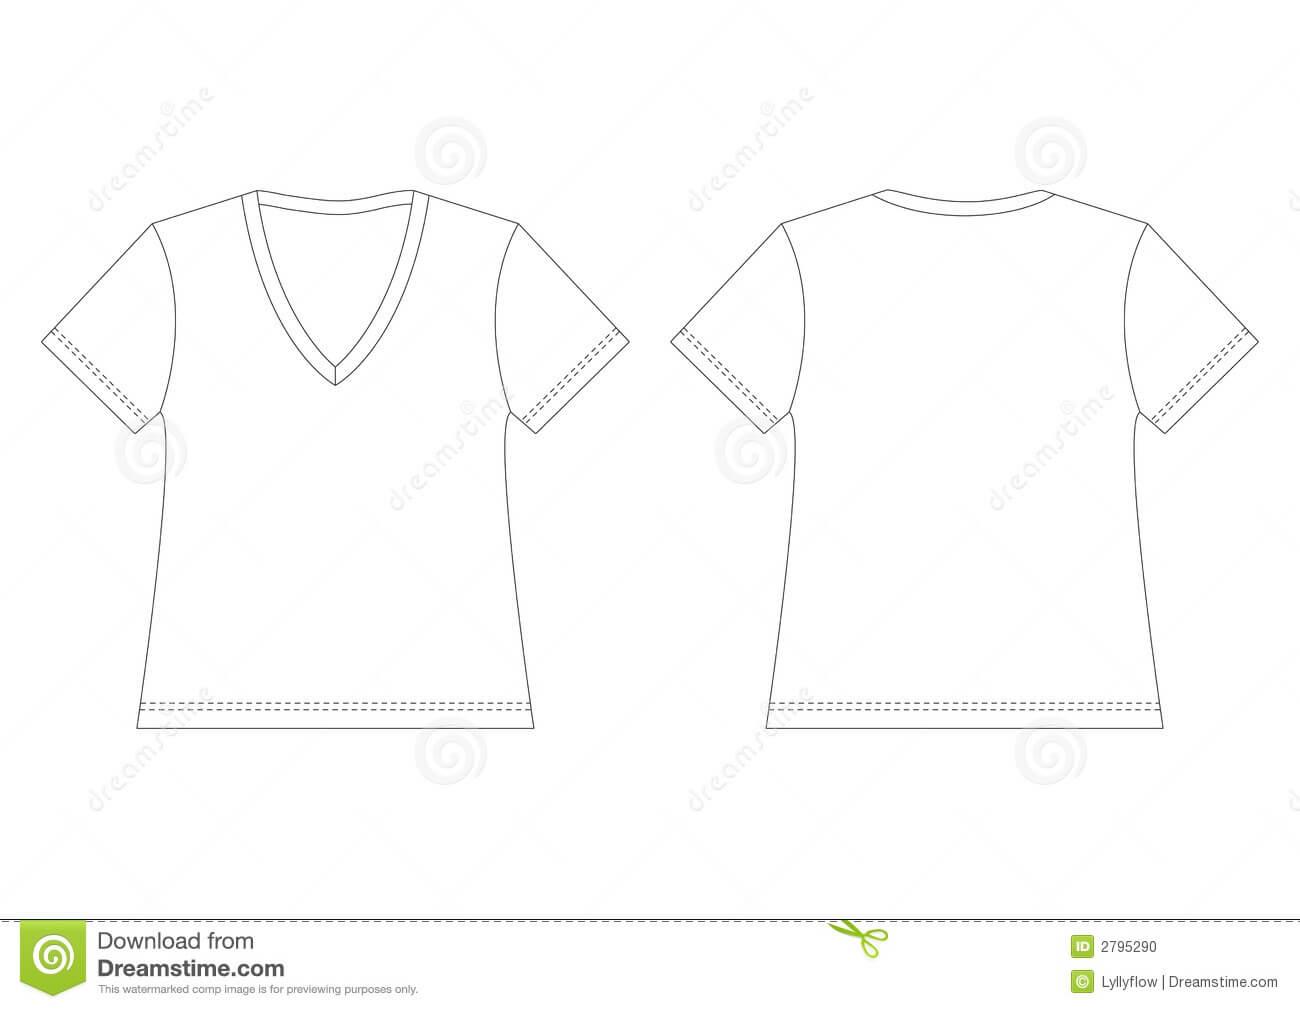 White V Neck T Shirt Stock Vector. Illustration Of Back In Blank V Neck T Shirt Template